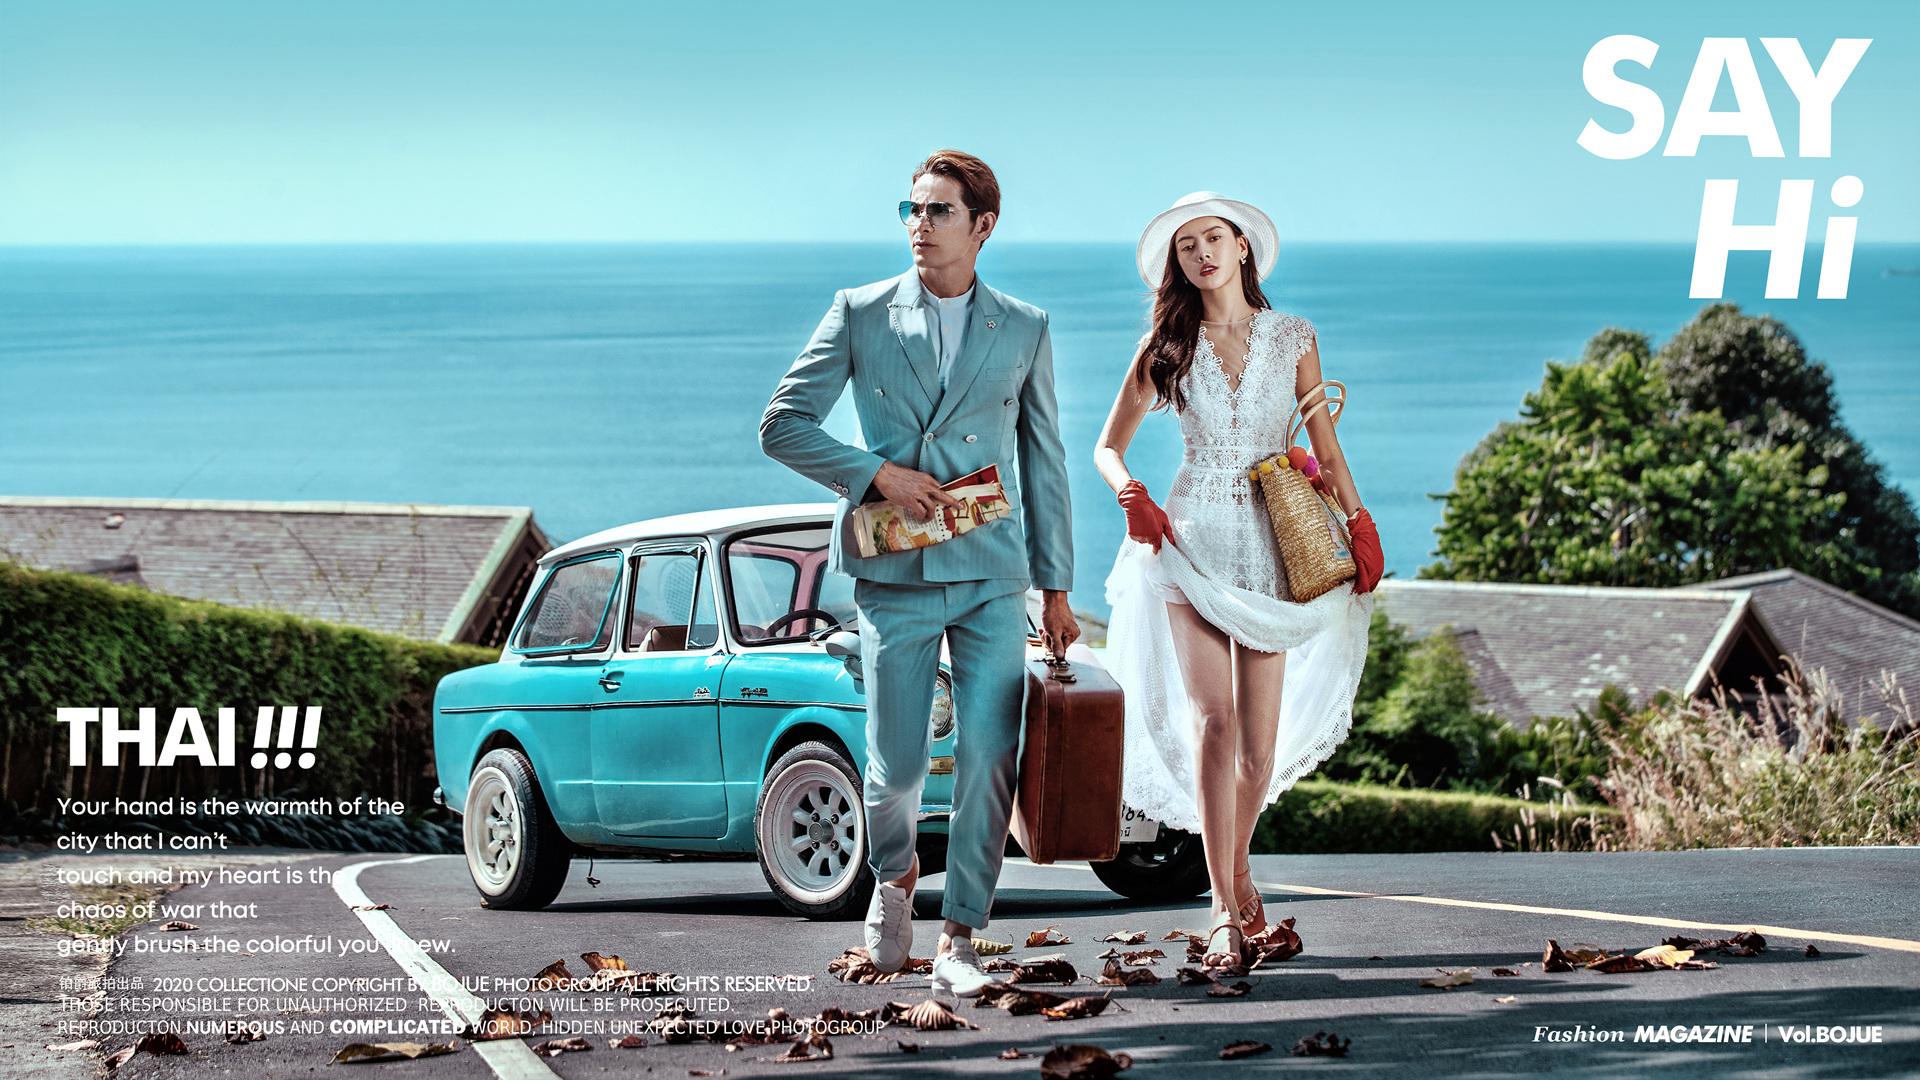 厦门环岛路适合拍婚纱照吗 环岛路能拍出大气感海景婚纱照吗